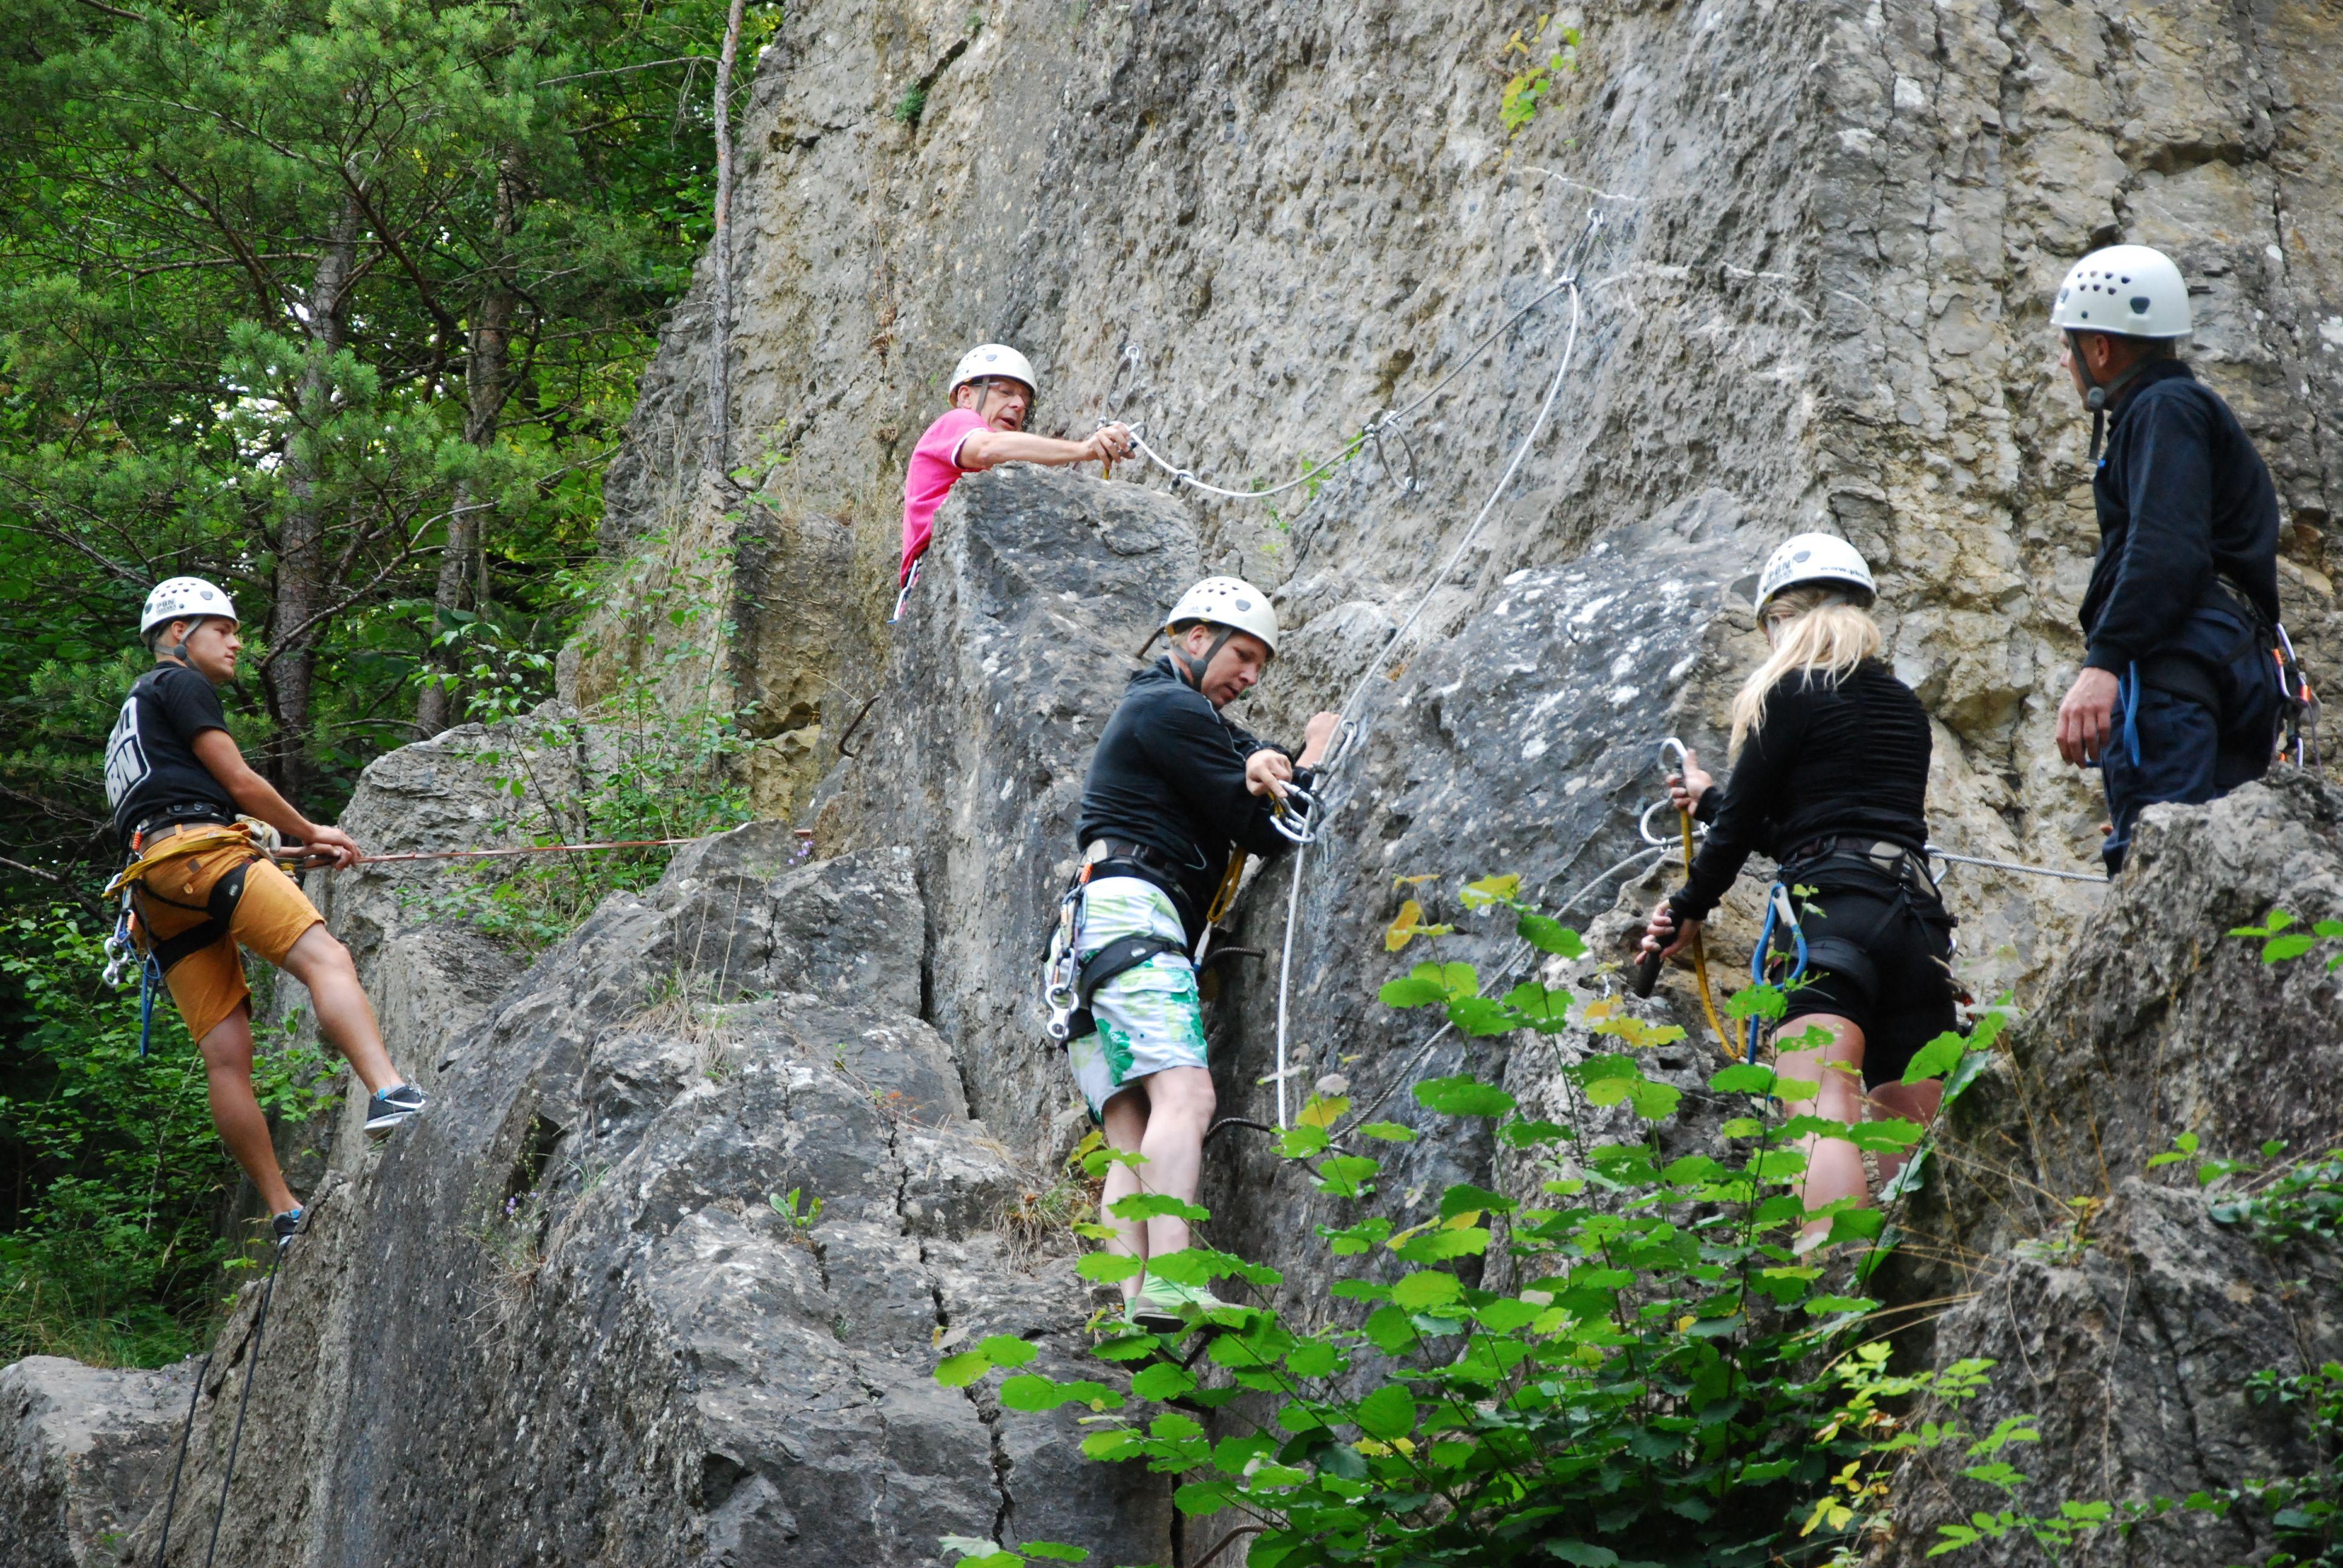 Klettersteig Ardennen : Klettersteig ardennen actief een weekend survival in de